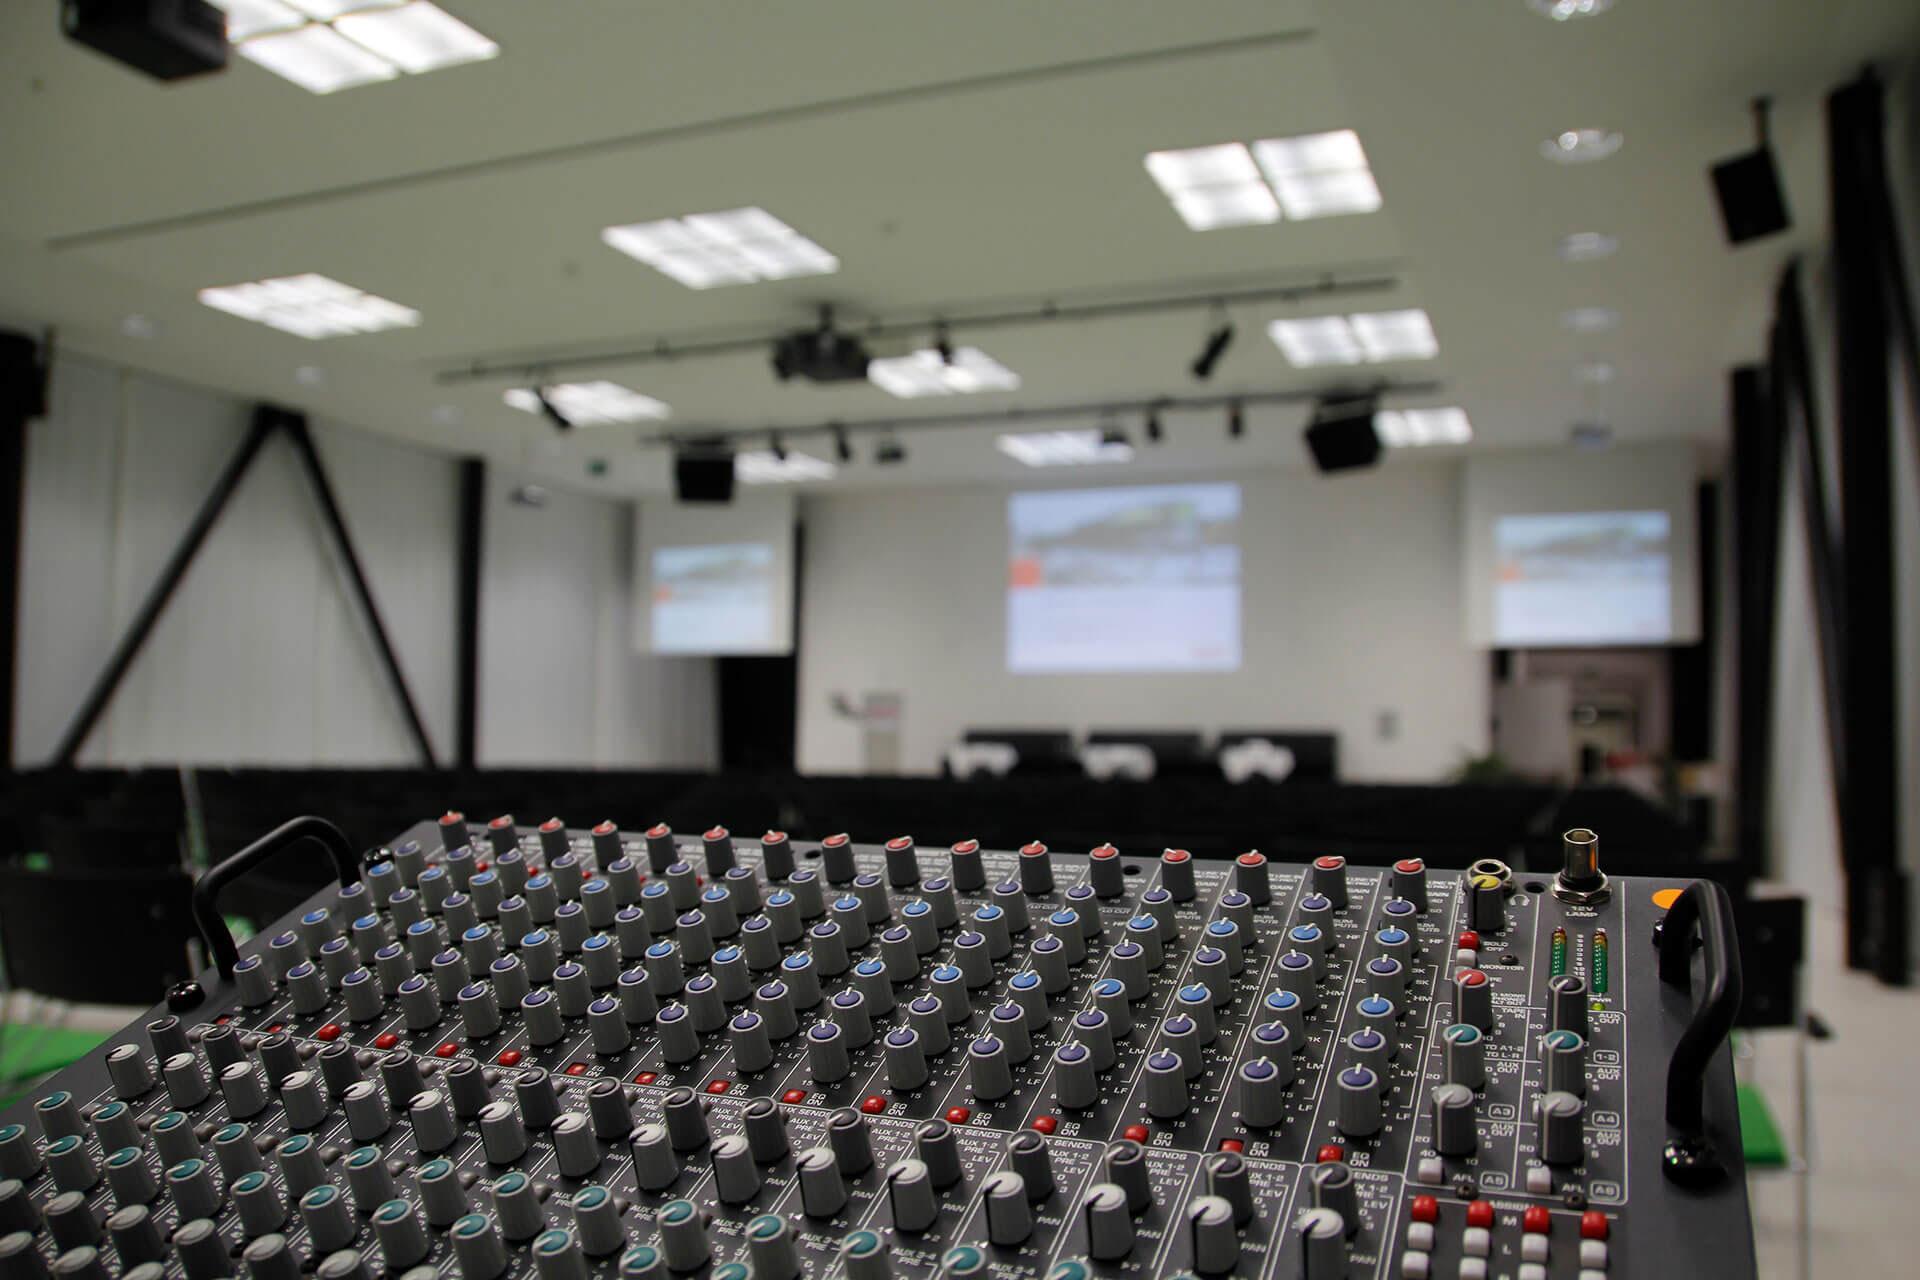 Medientechnik - Über eine behandelbare Crux einer Techniksparte